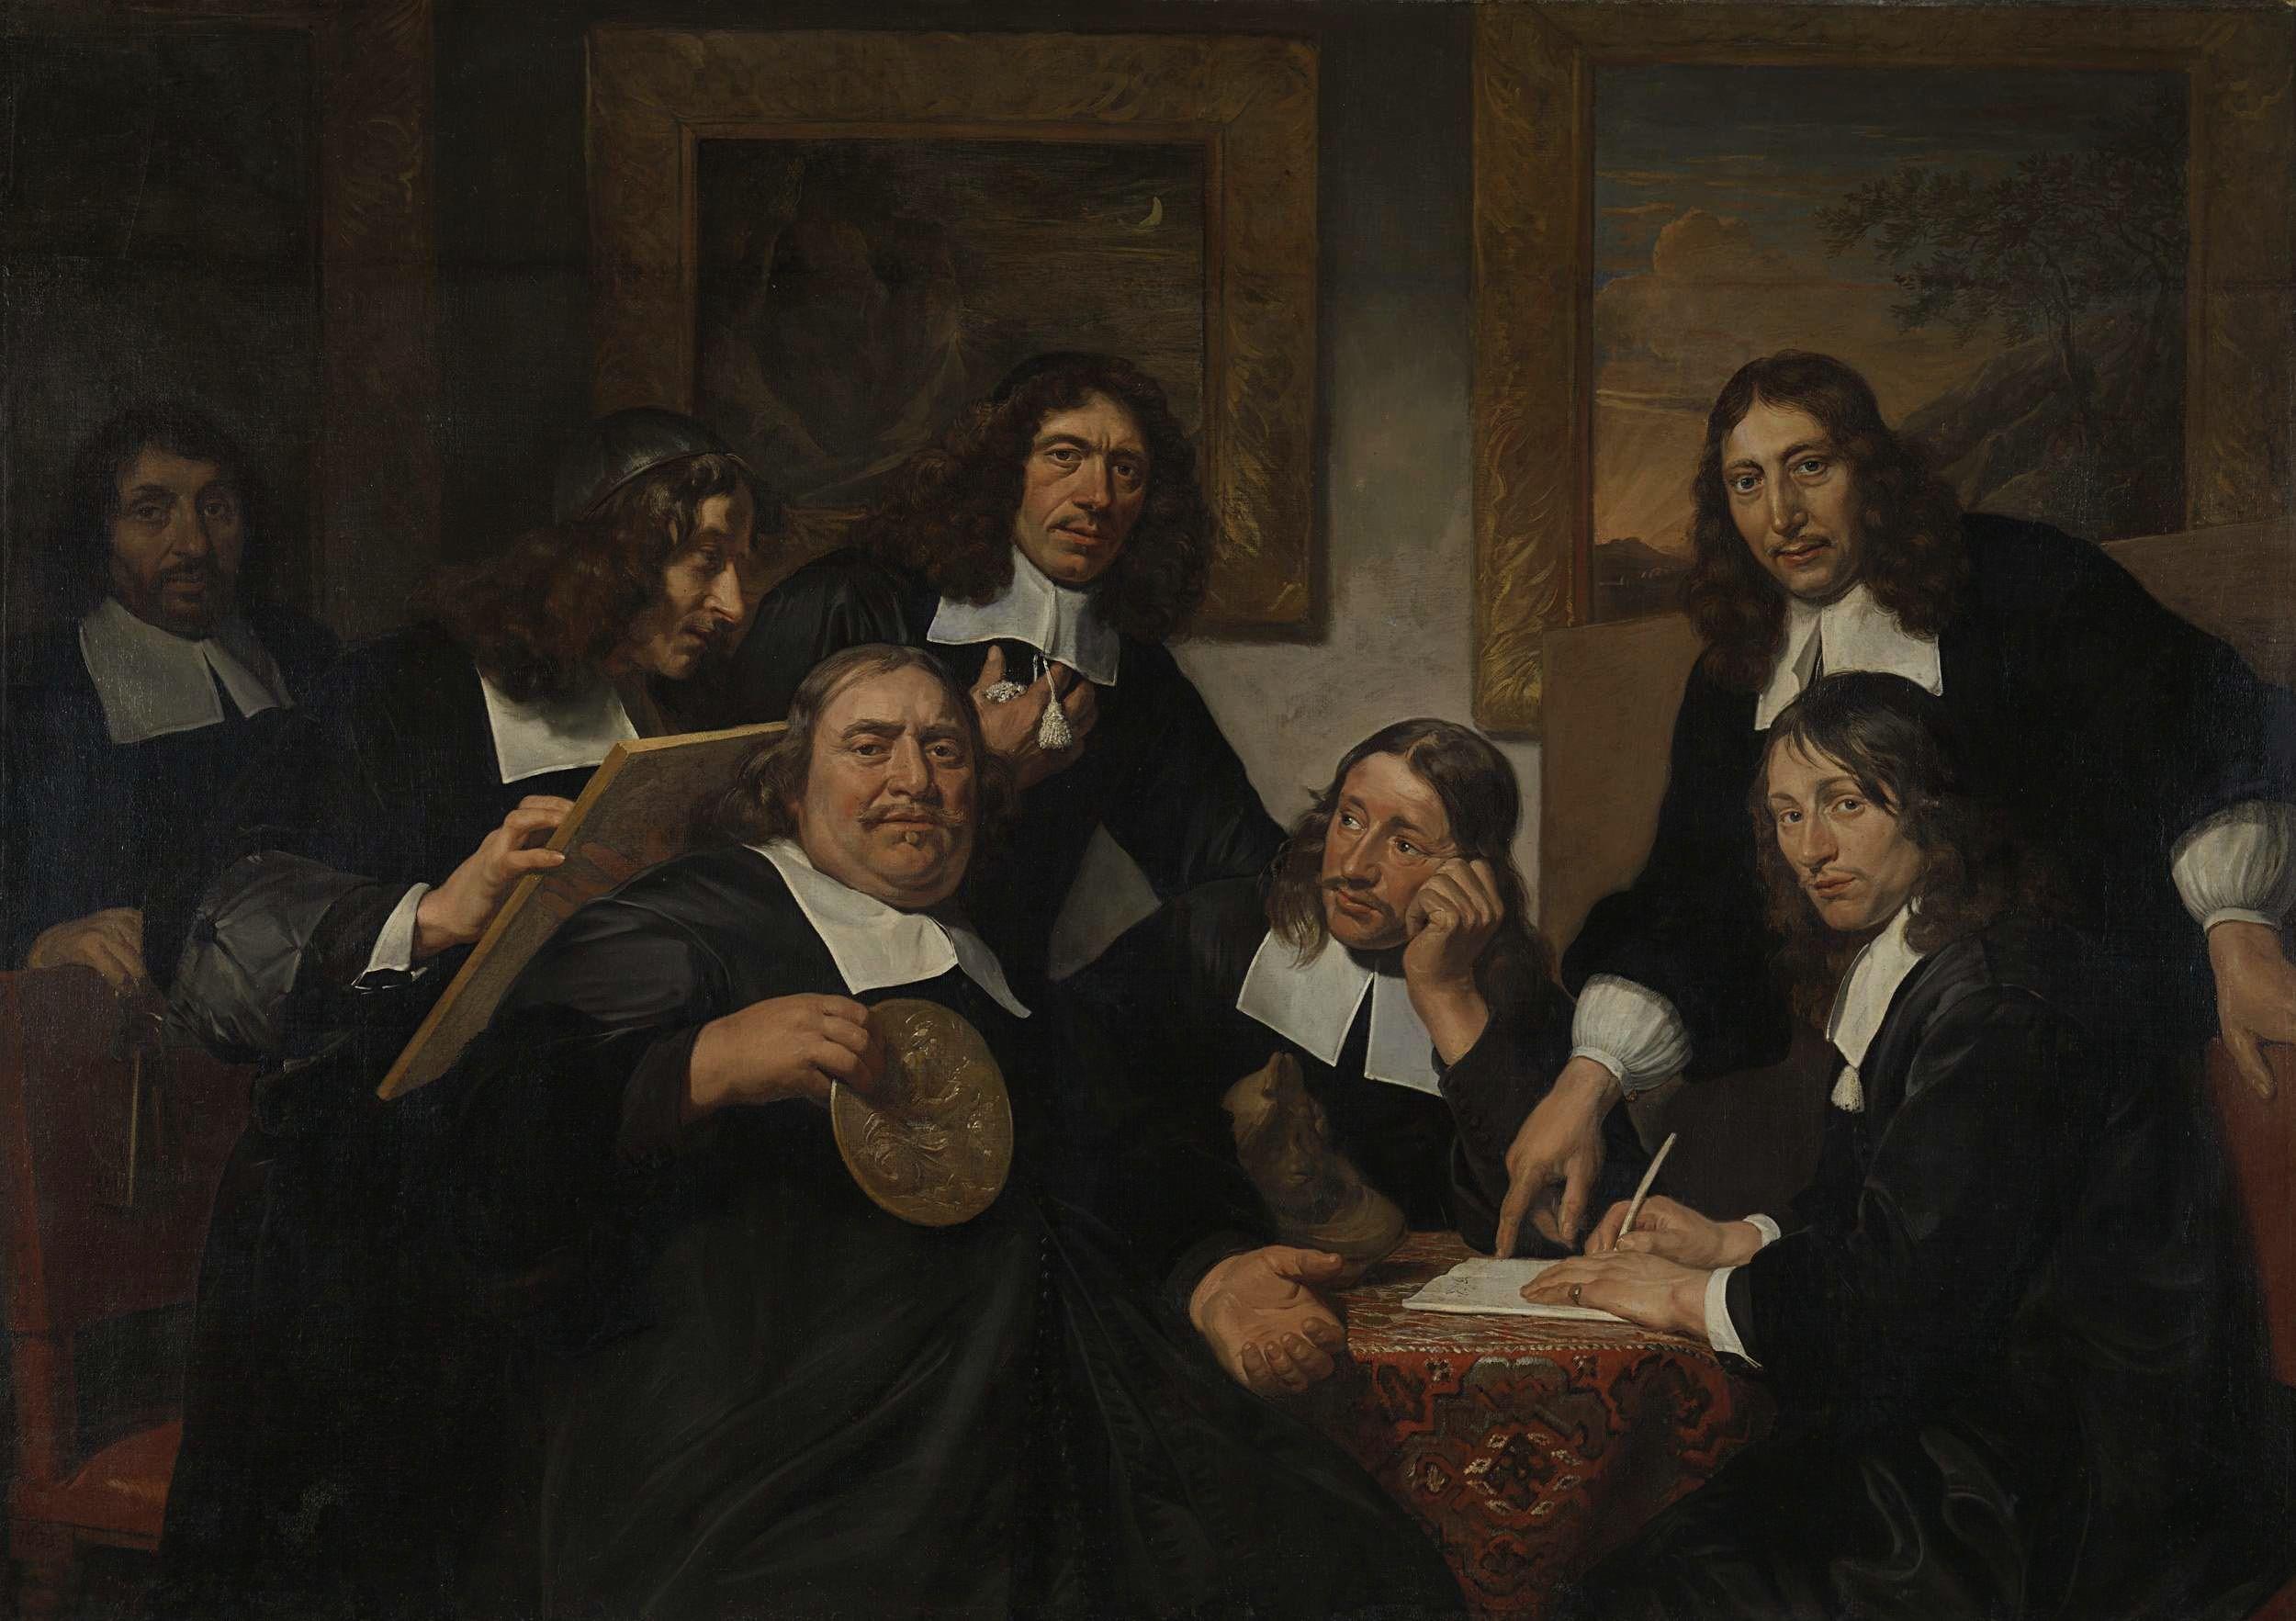 Overlieden van het Haarlemse Sint Lukasgilde geschilderd door Jan de Bray (1675)